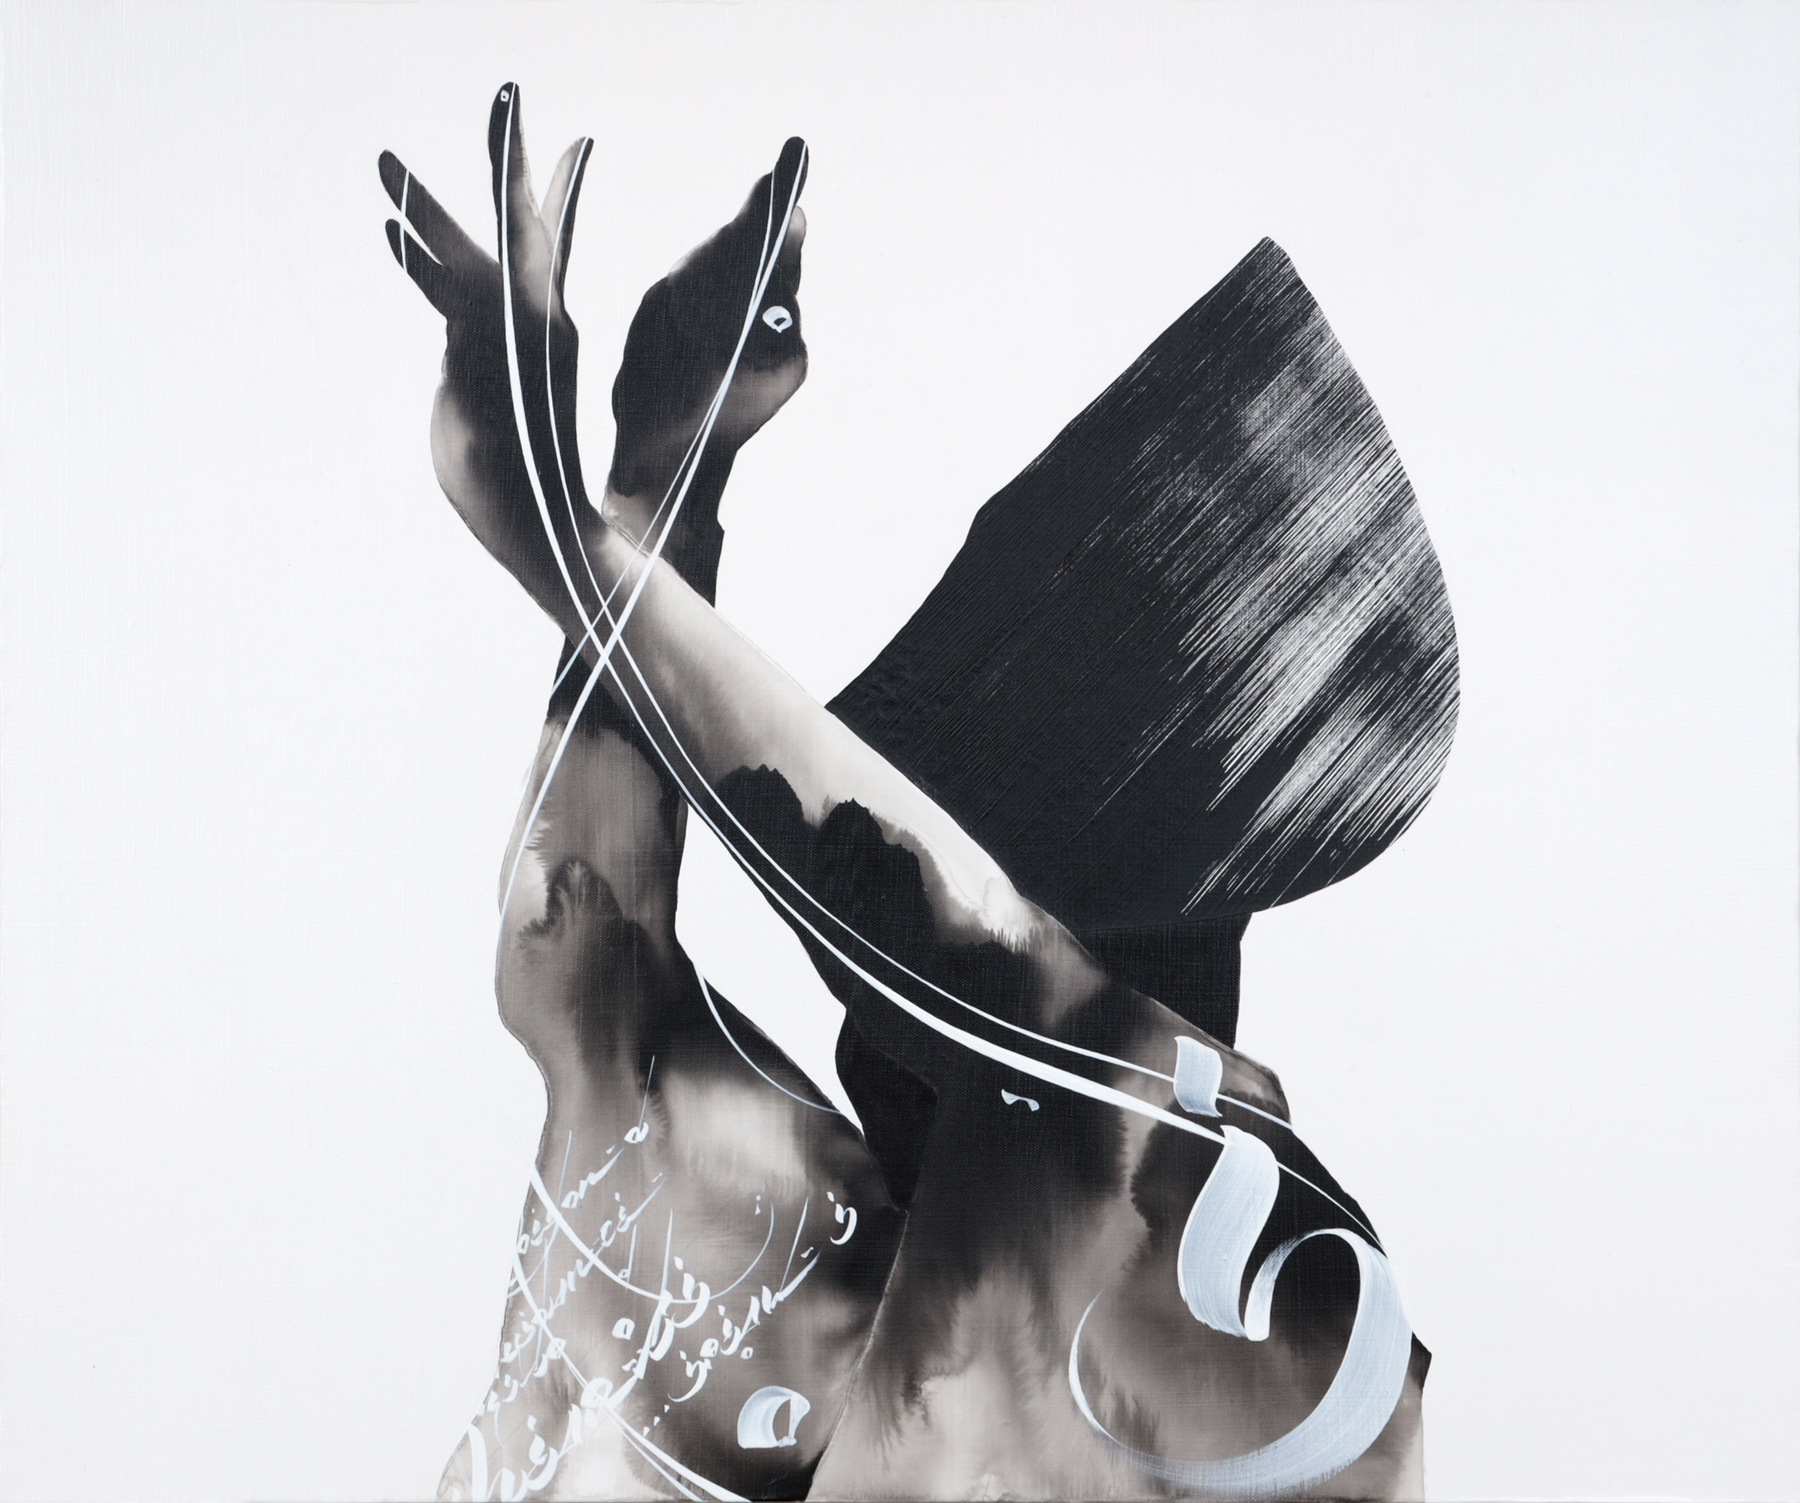 AWA STEPS | Acrylic on canvas, 72.7 x 60.6cm, 2019